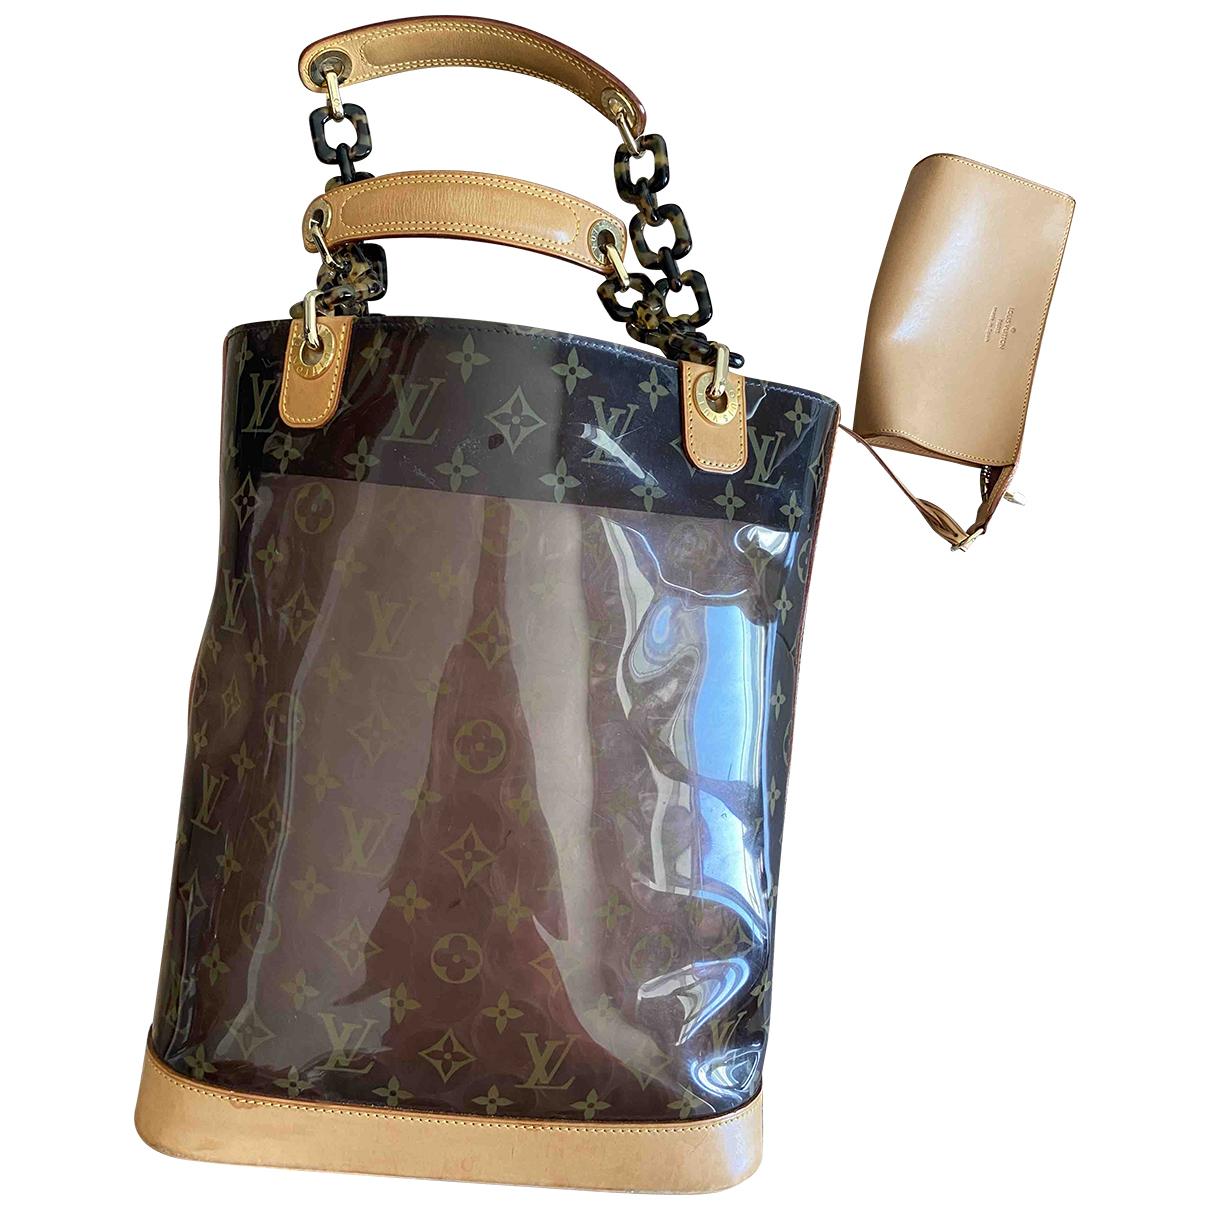 Louis Vuitton Ambre  Handtasche in  Braun Kunststoff